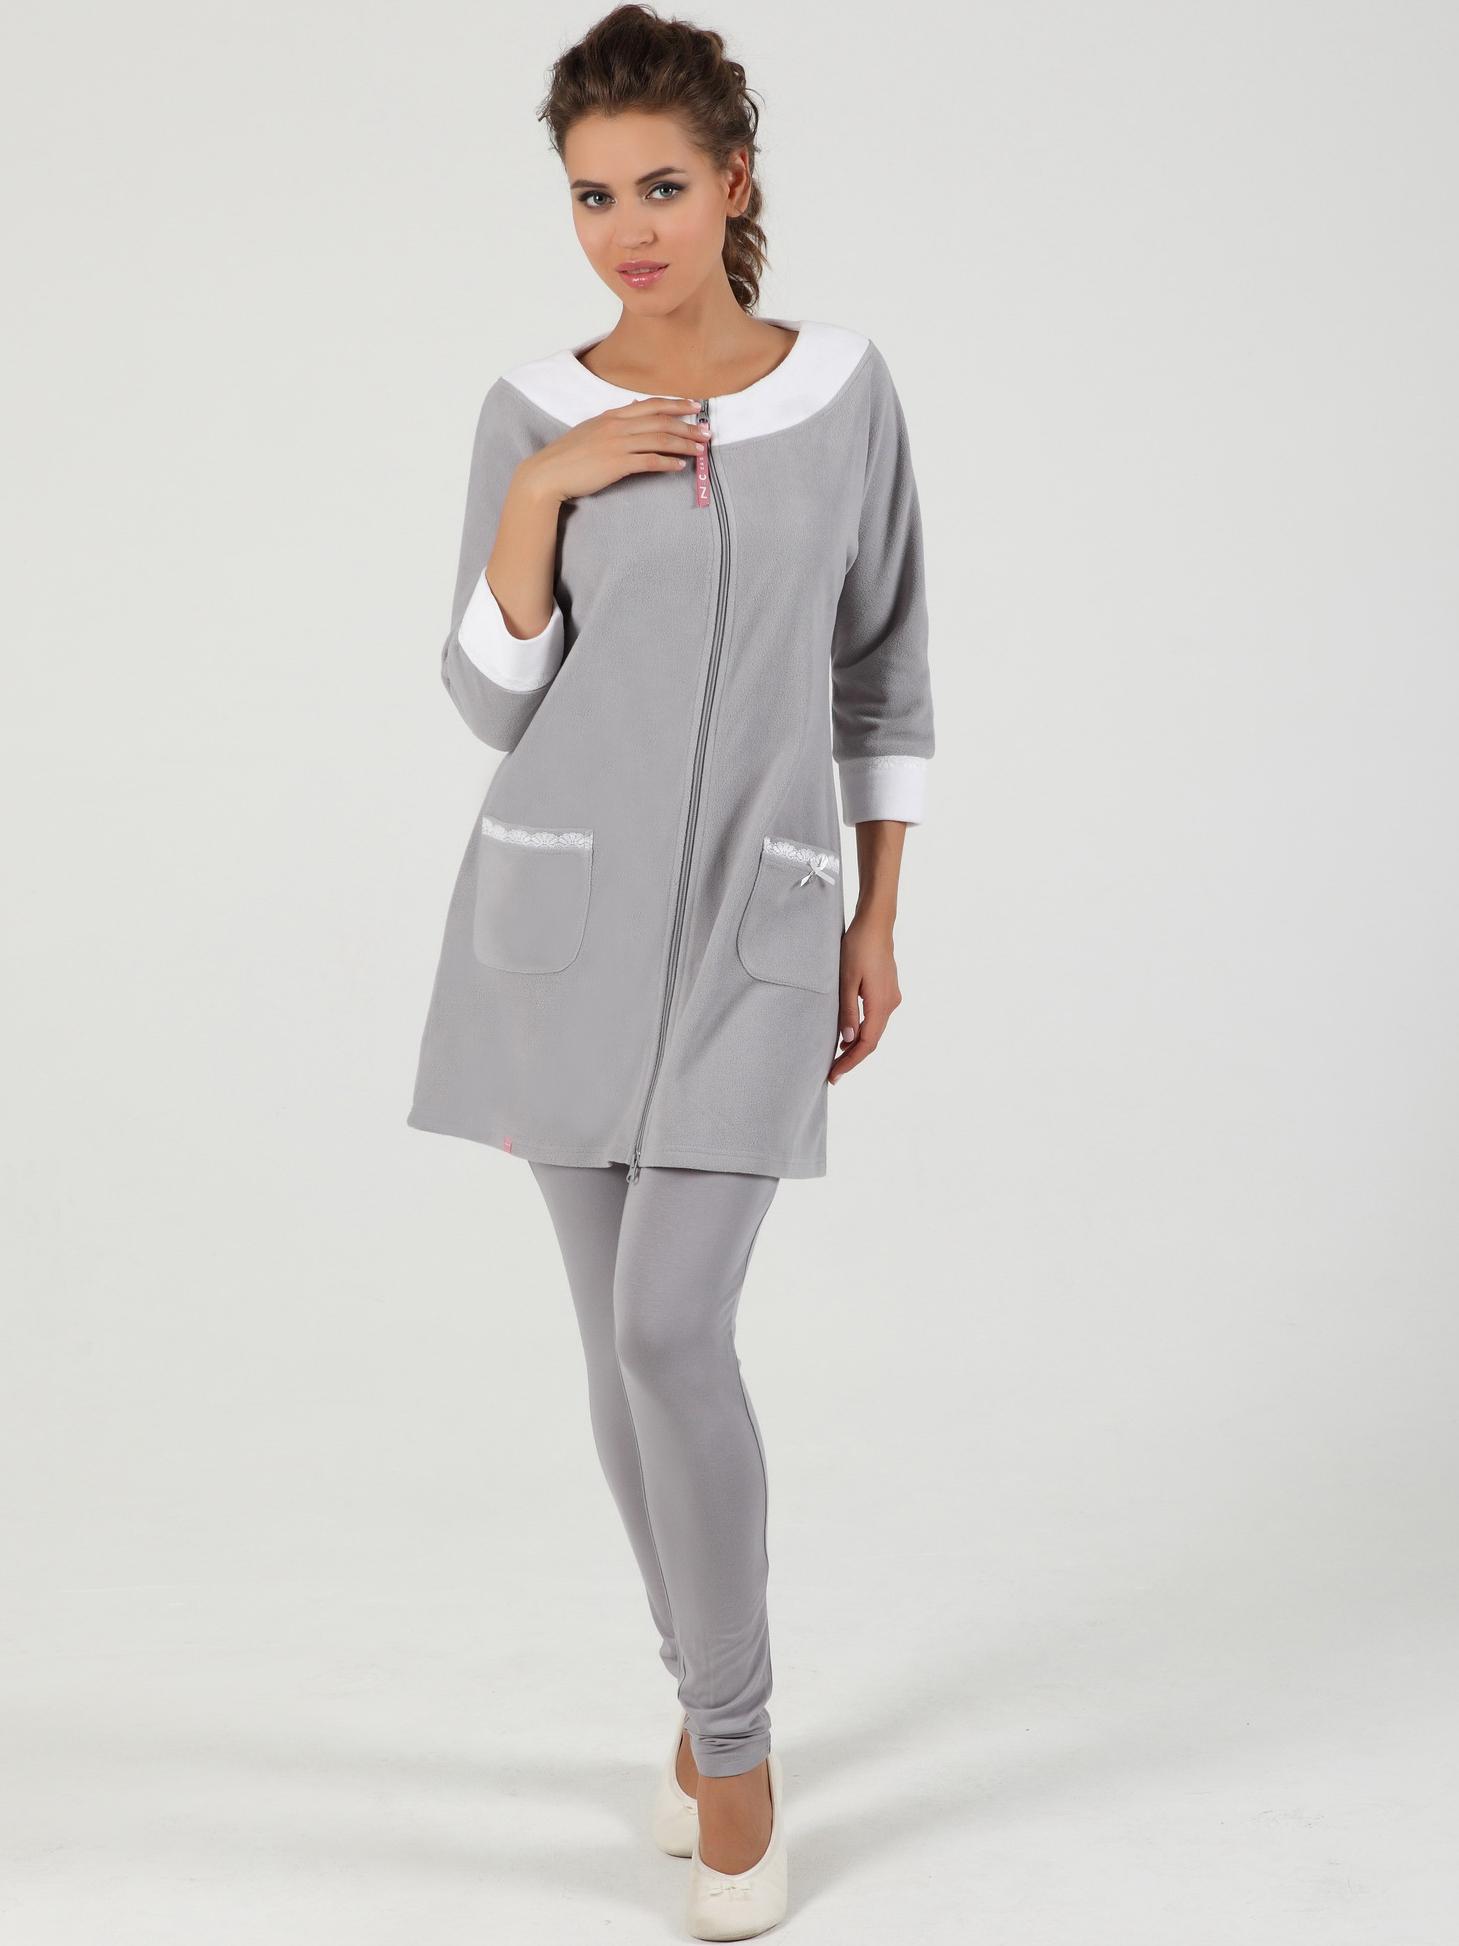 438b91cbc379 Starhapiflexlax — Домашняя одежда для парней